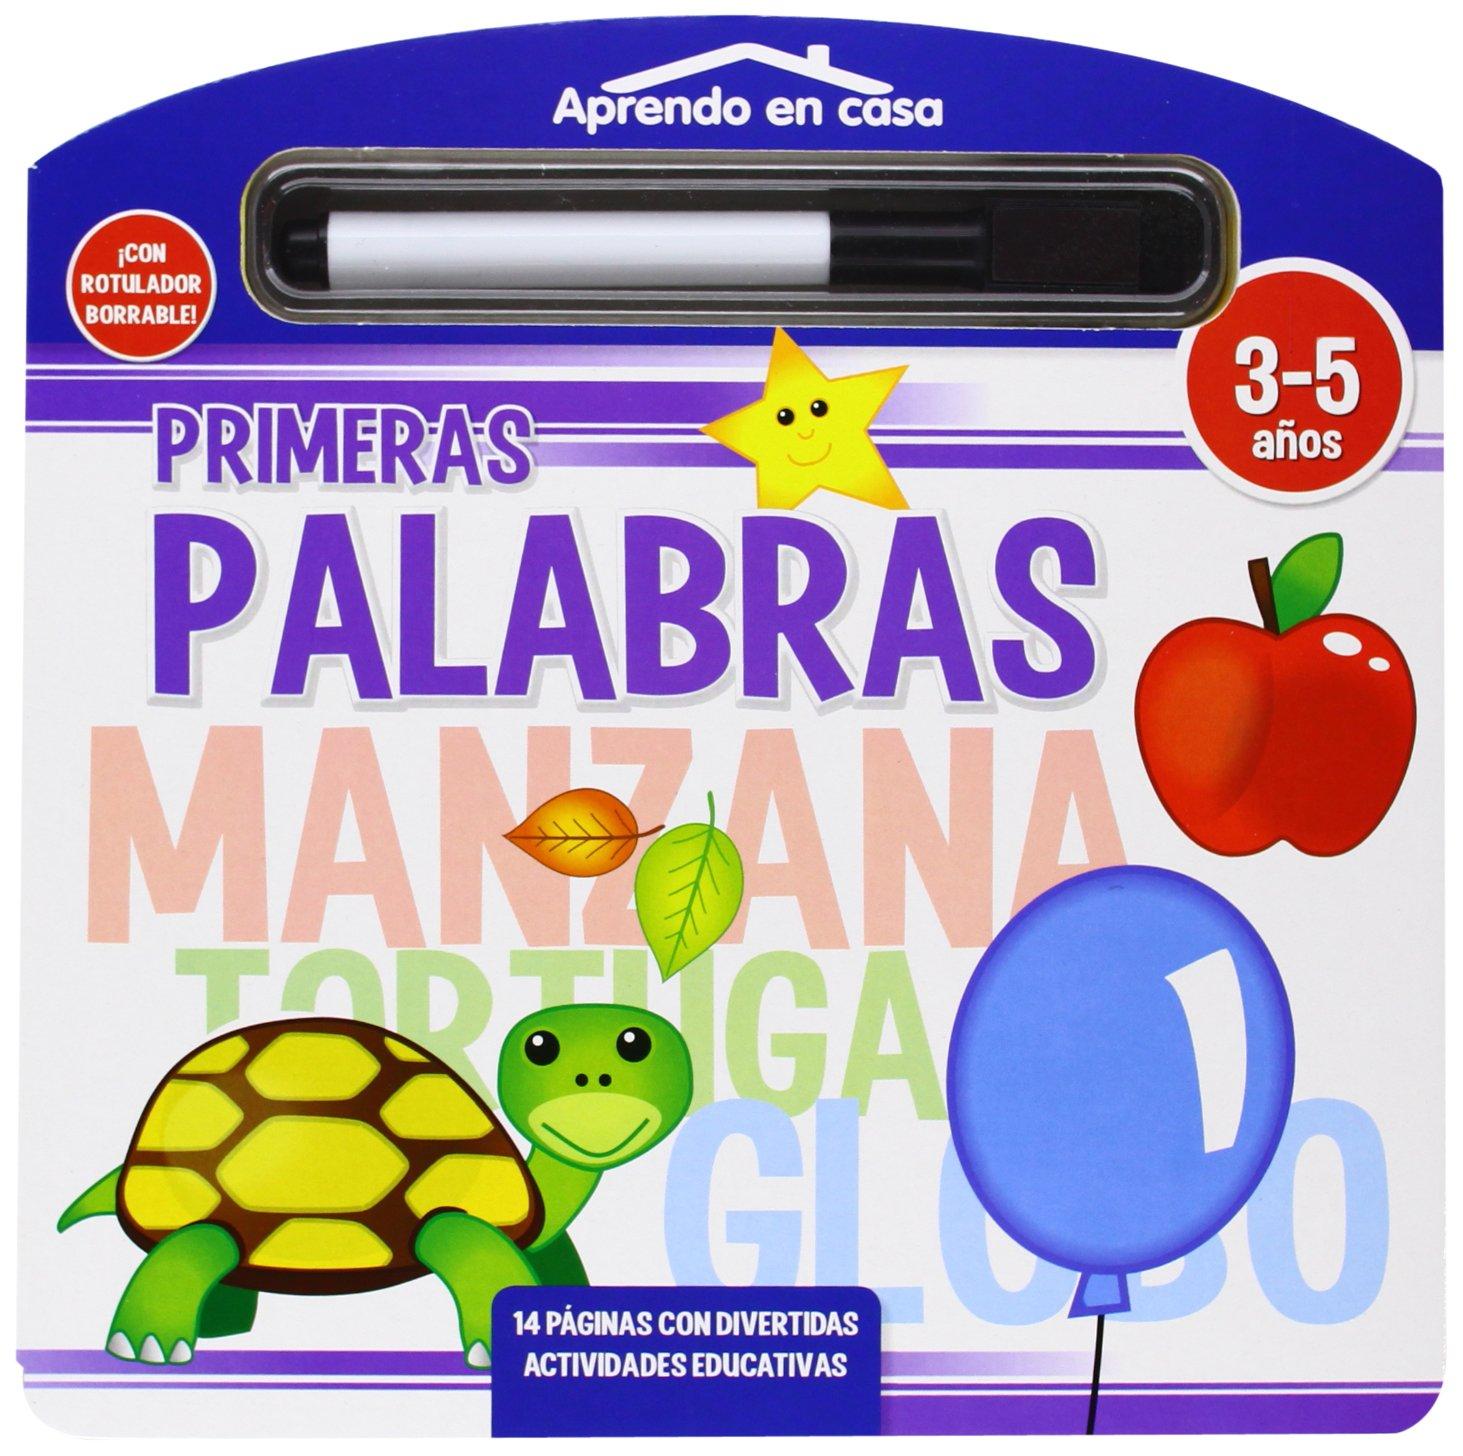 PRIMERAS PALABRAS LIBRO PIZARRA (APRENDO EN CASA): Amazon.es: Vv.Aa.: Libros